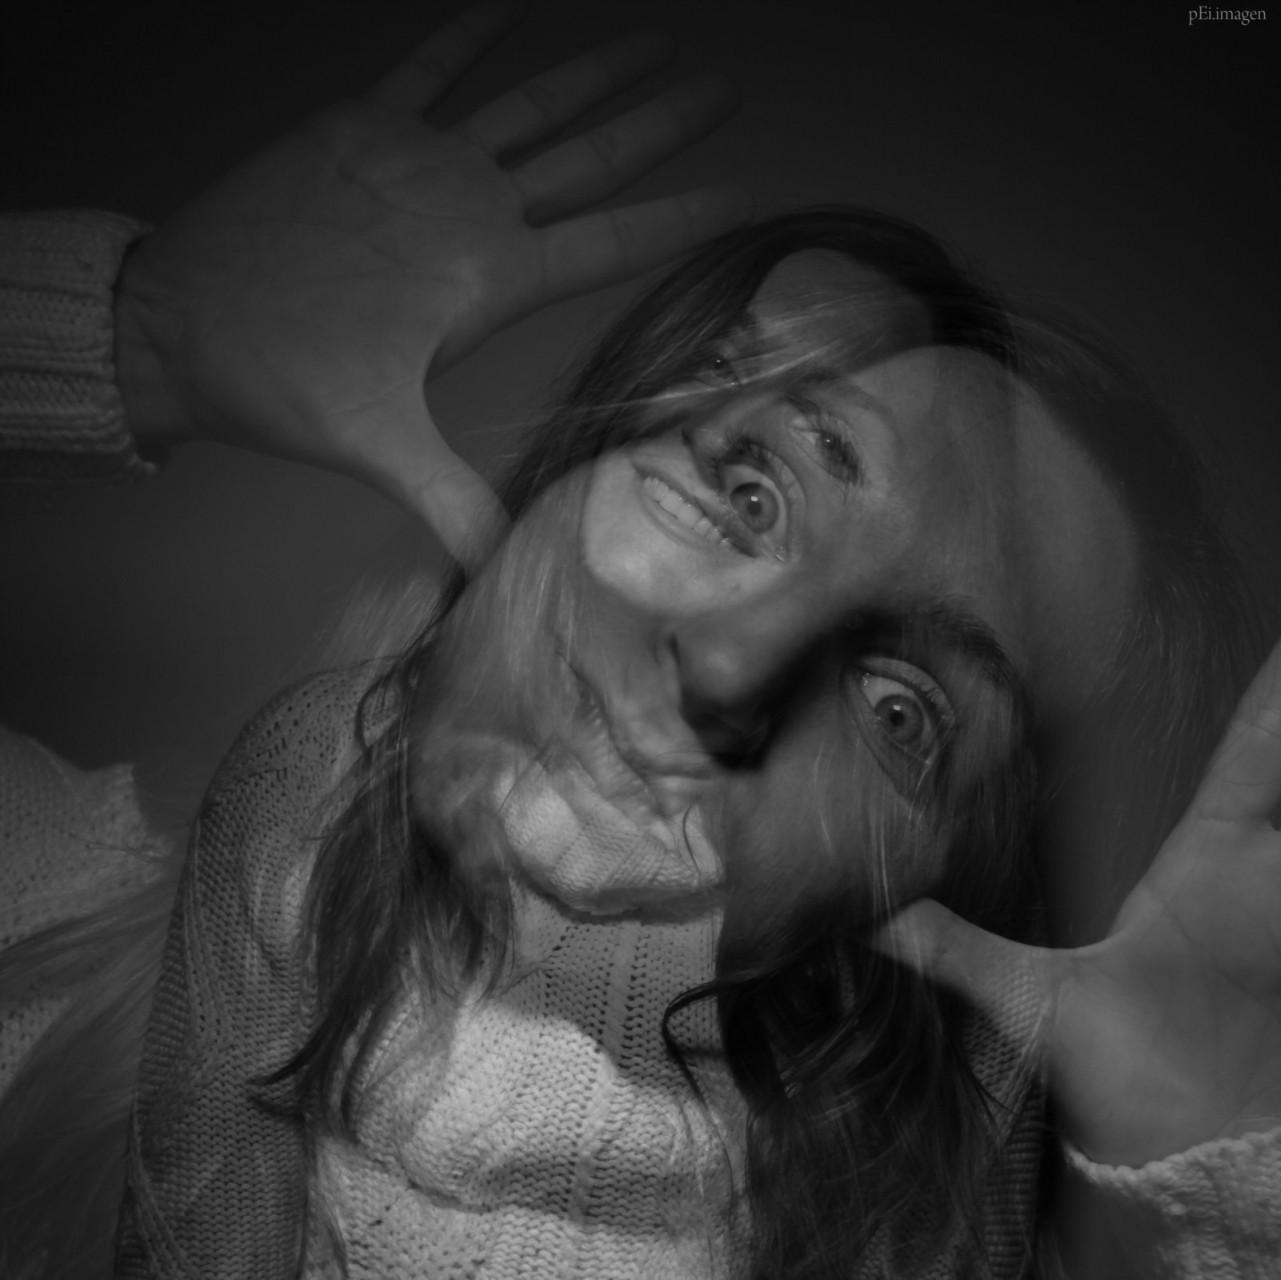 peipegata me myself I proyectos fotografia peipegatafotografia # 106 Laura Nigro